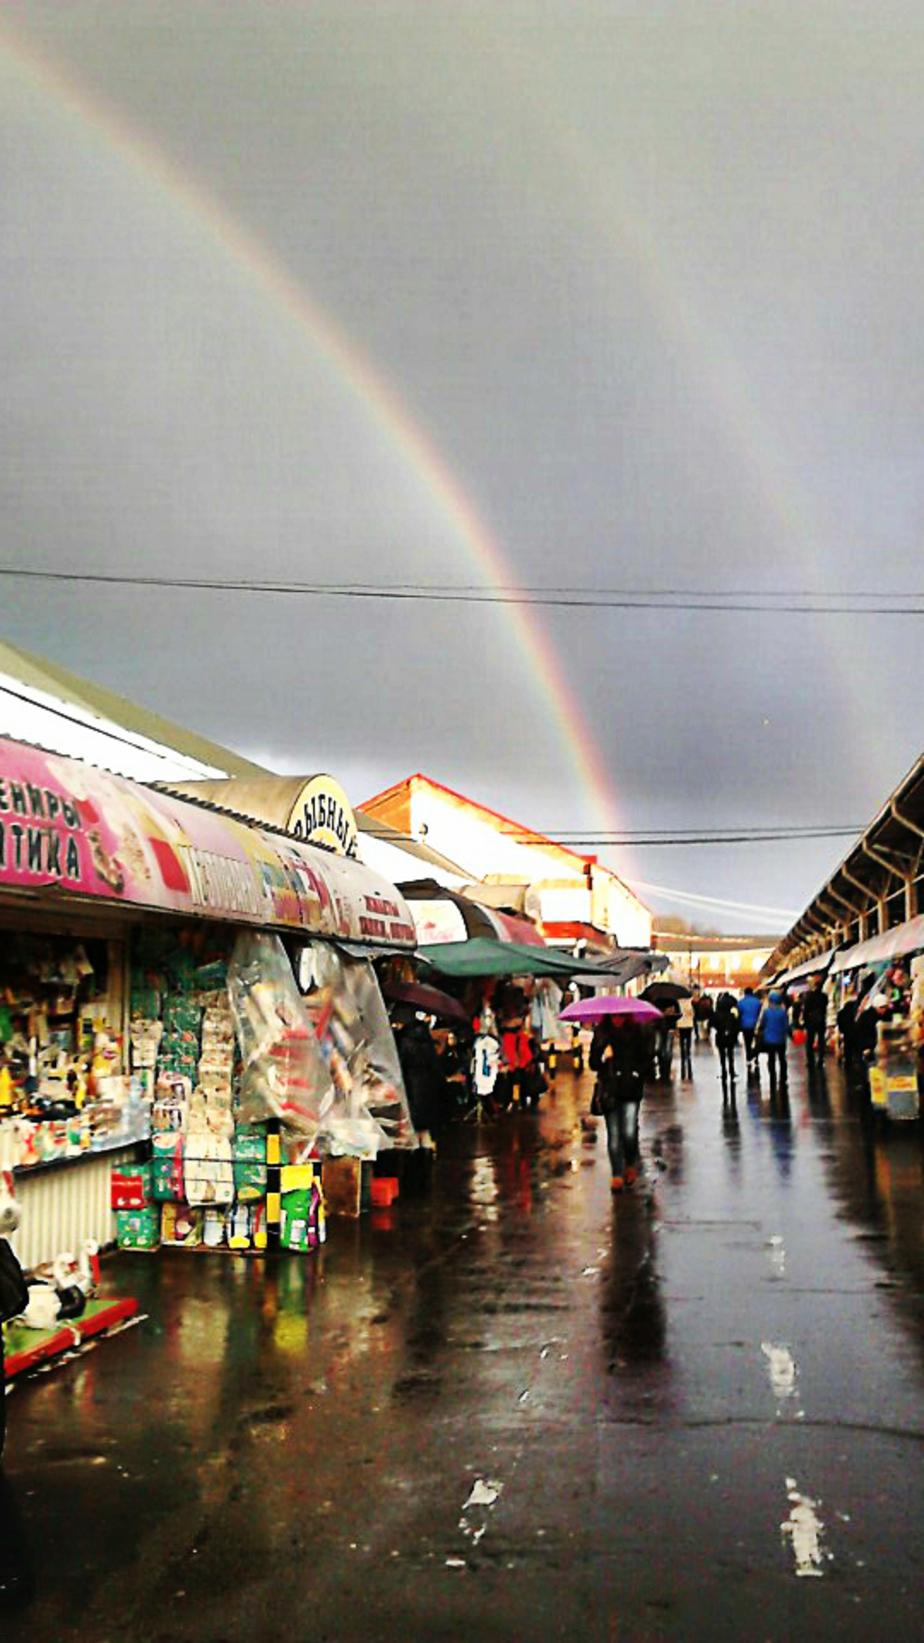 Над Калининградом заметили двойную радугу